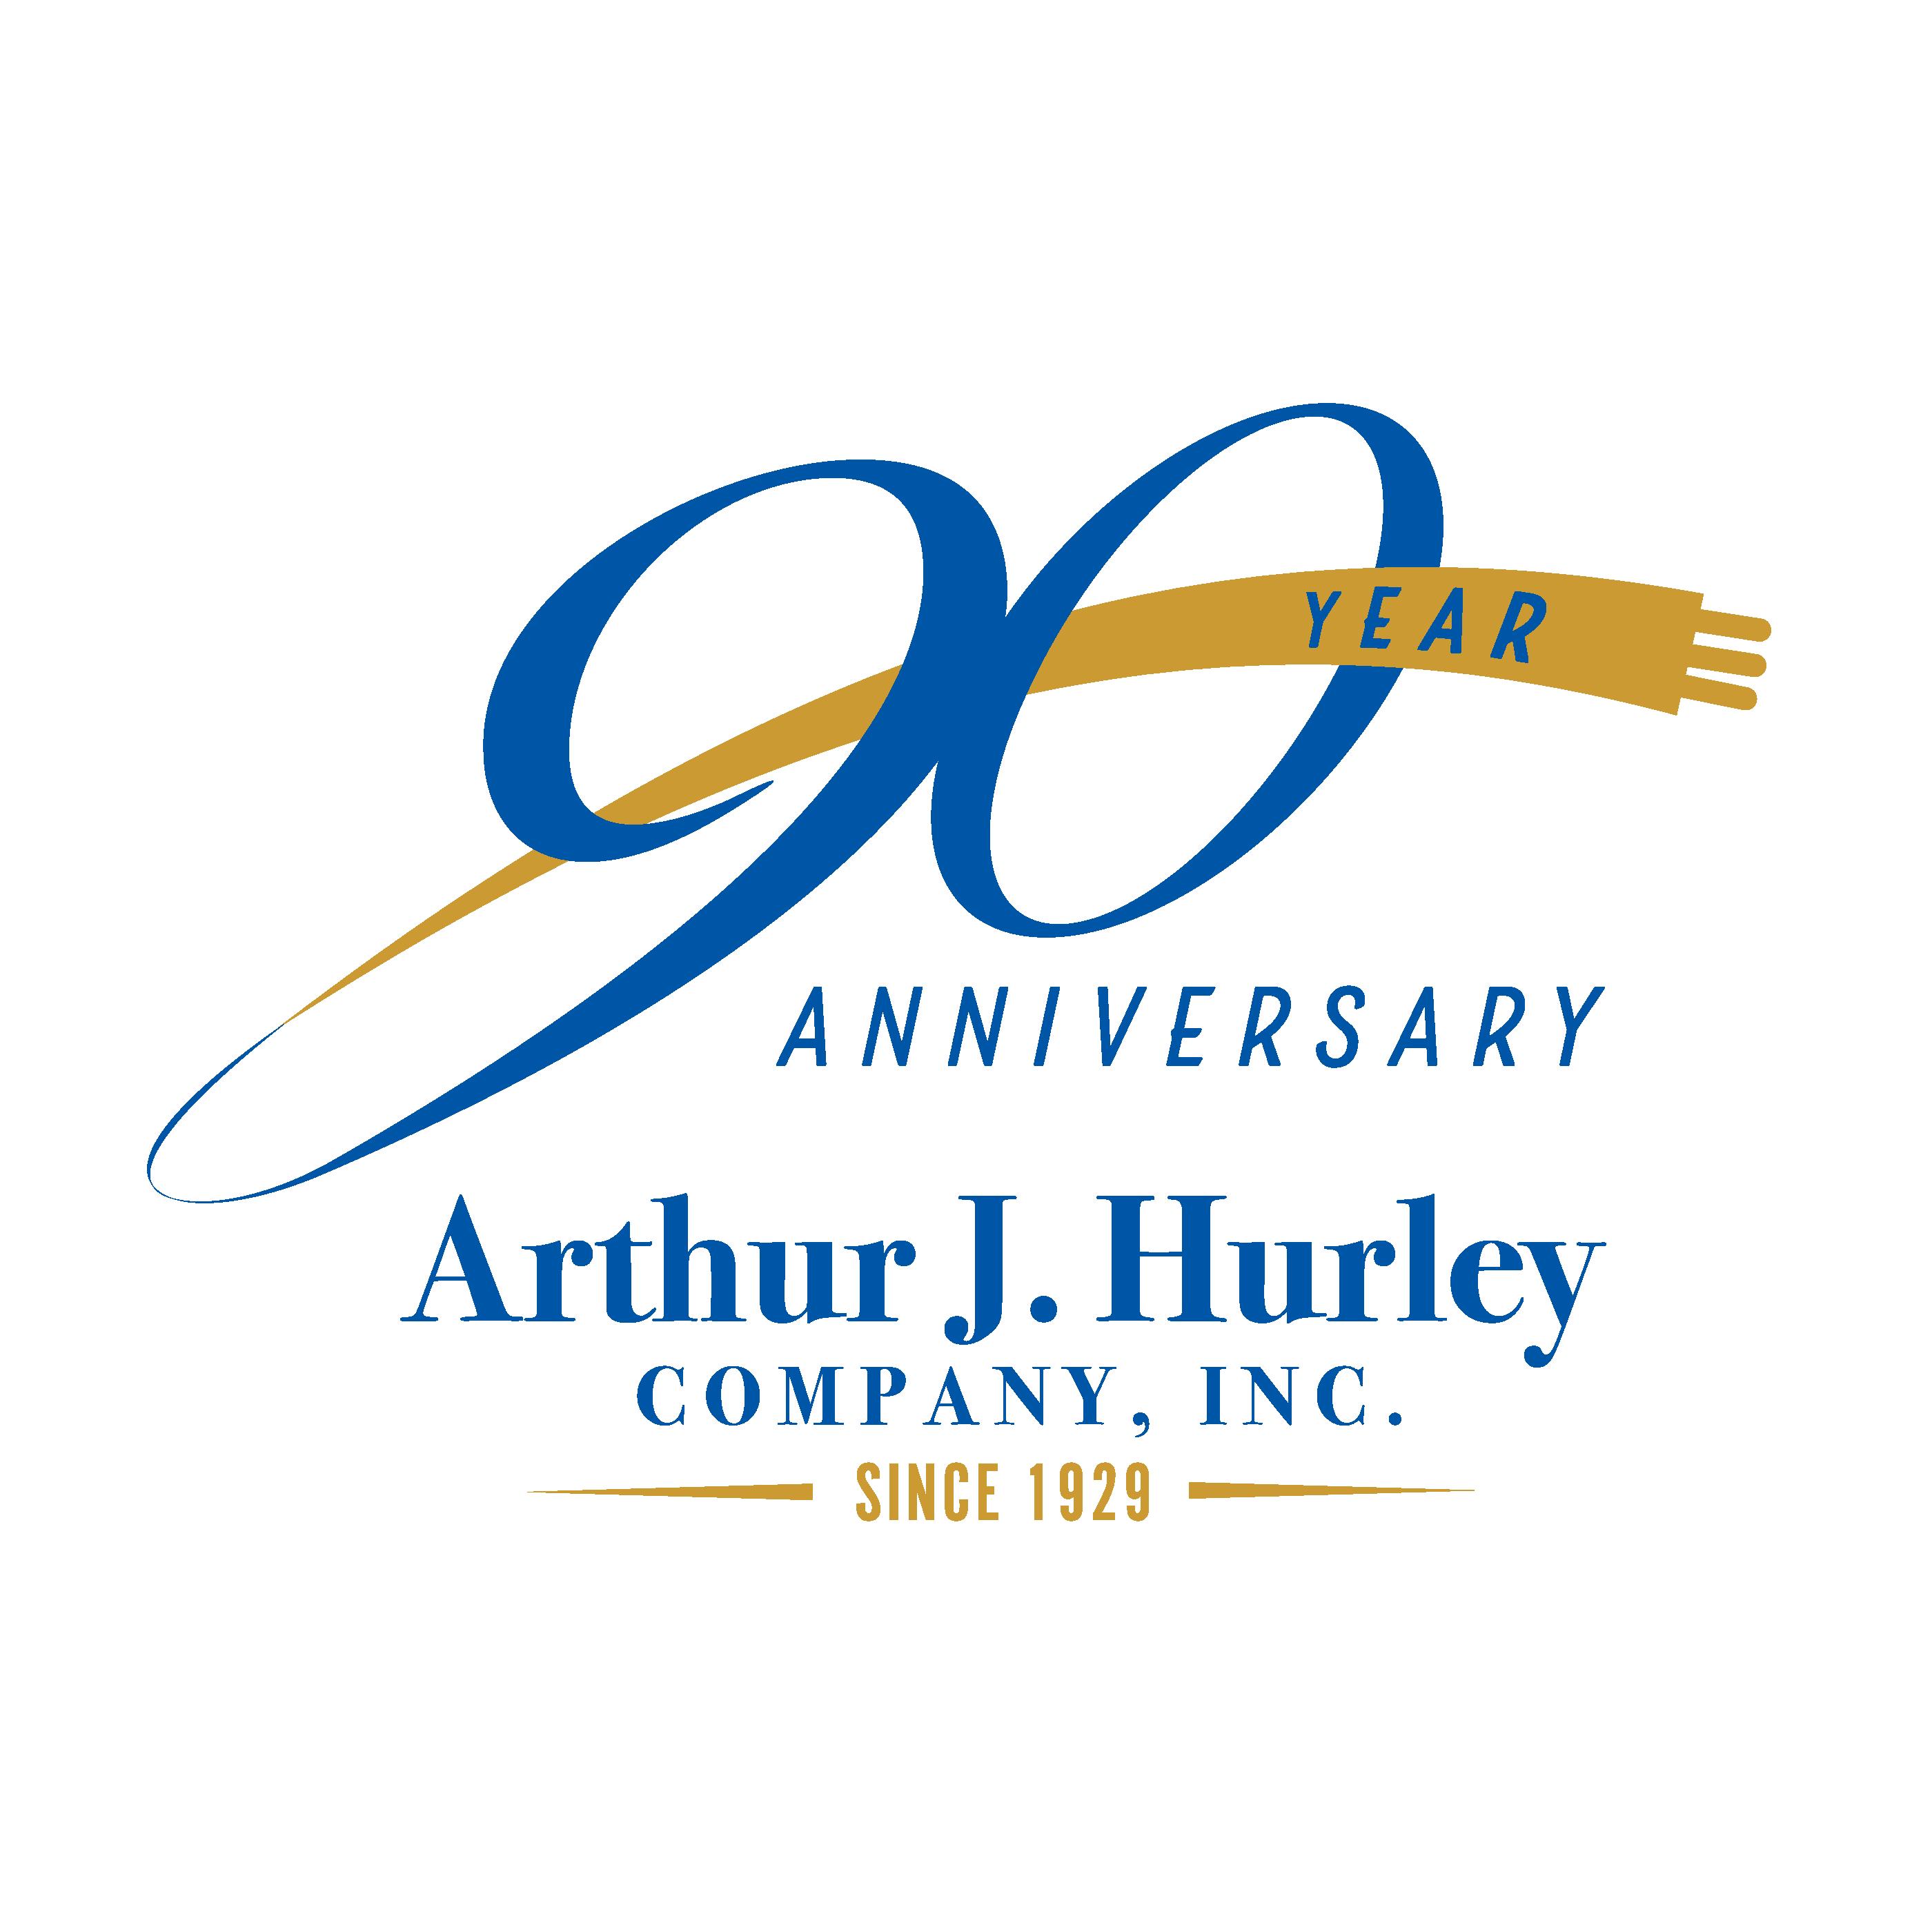 Arthur_J_Hurley_Logo_NEW_2019